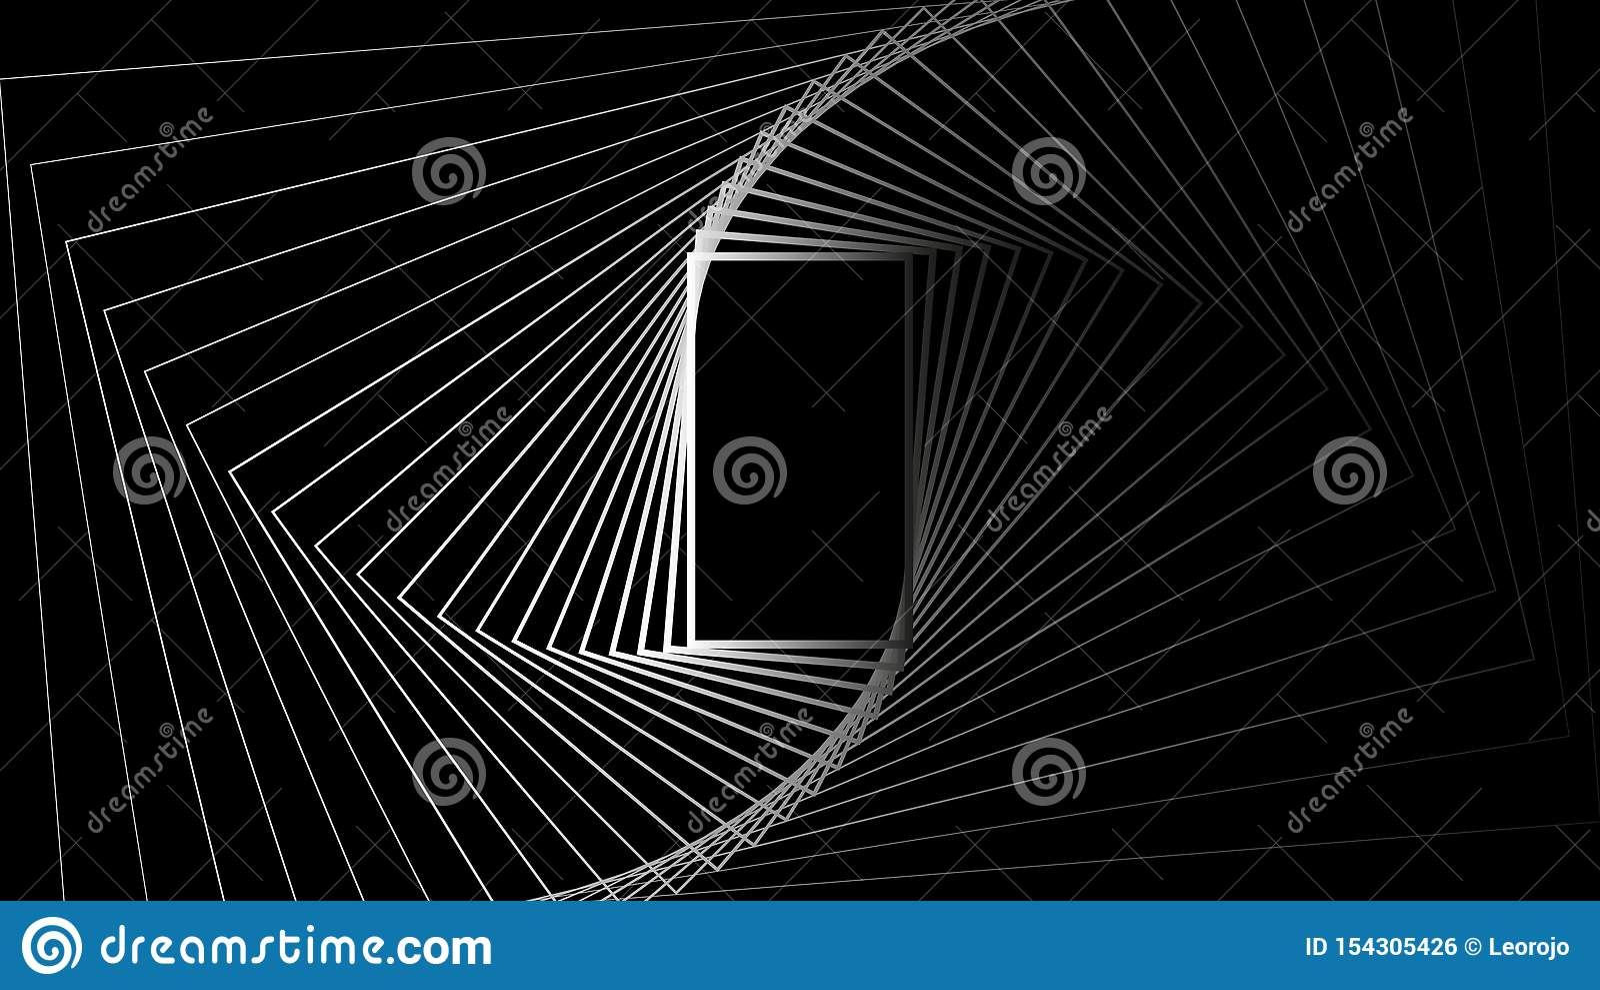 Geometrische van de achtergrond vormrechthoek abstracte geheime vectorontwerpillustratie